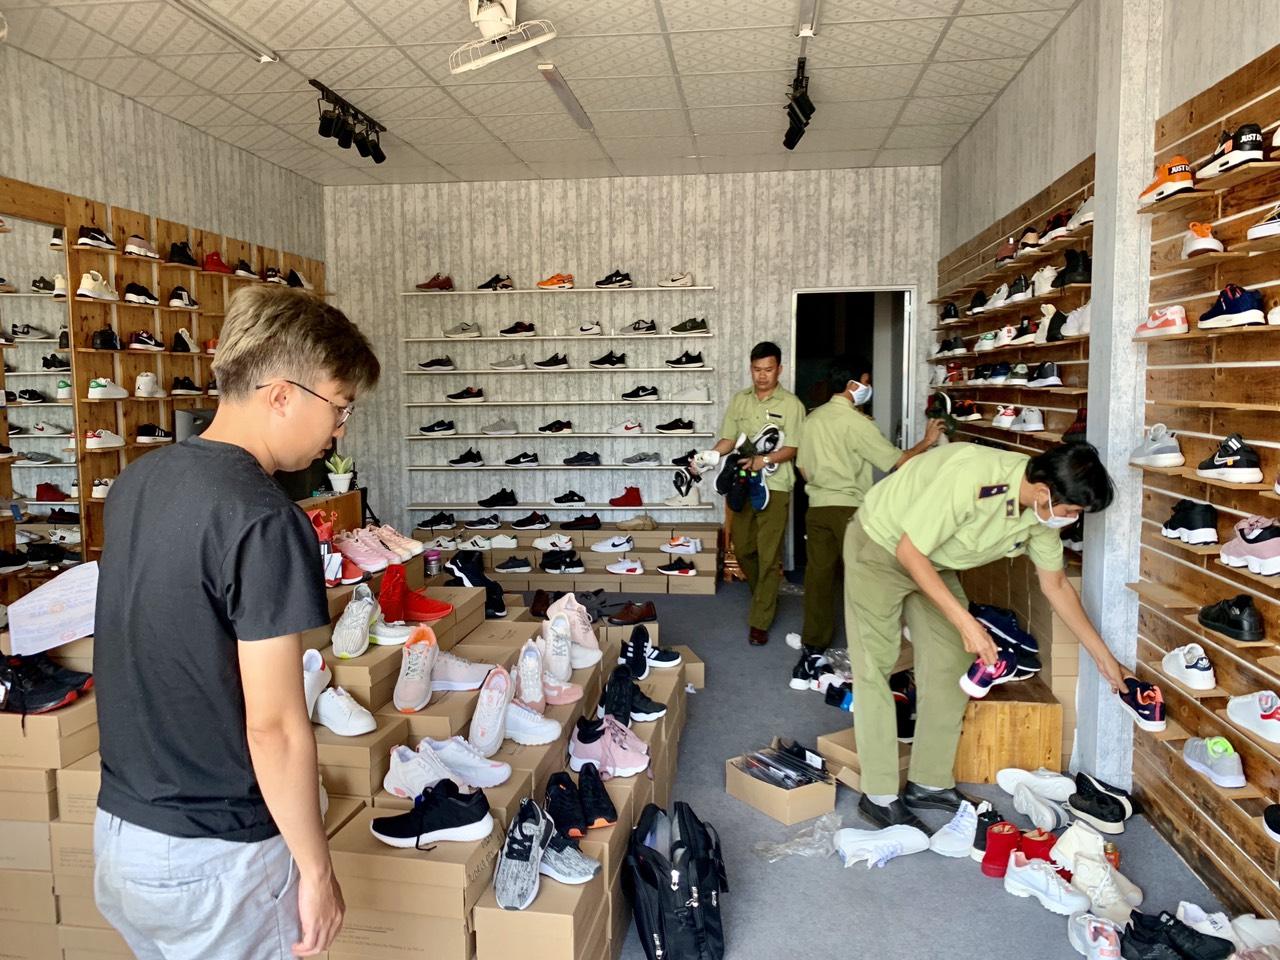 Gia Lai phát hiện lô hàng giày thể thao giả mạo nhãn hiệu NIKE